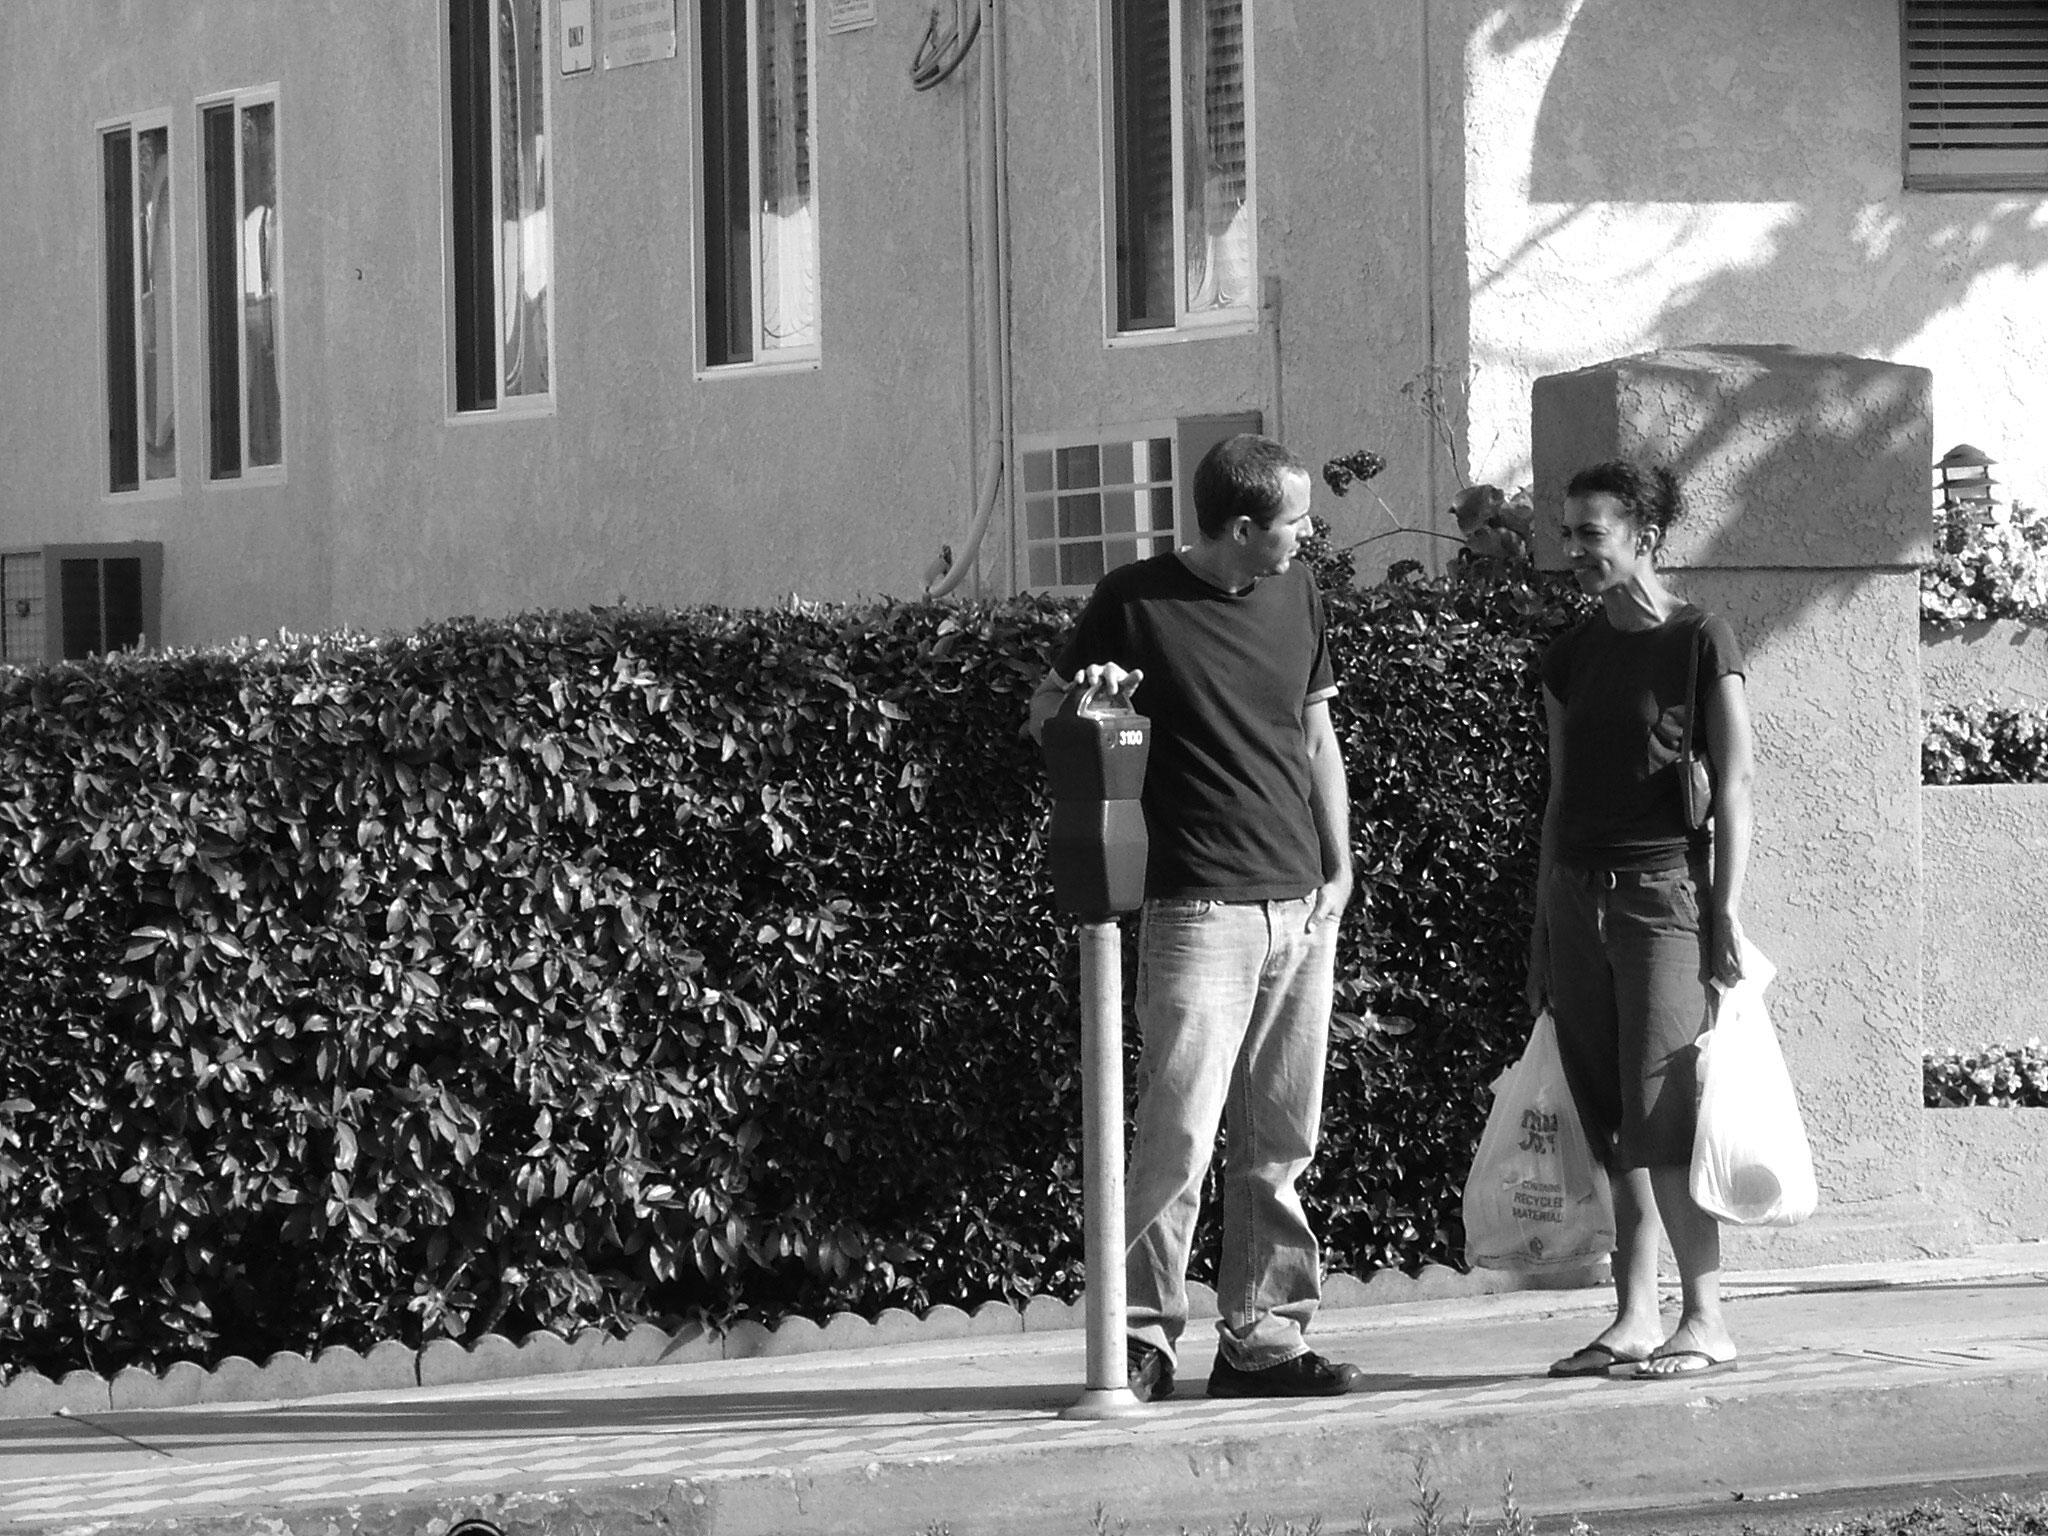 littering neighbors